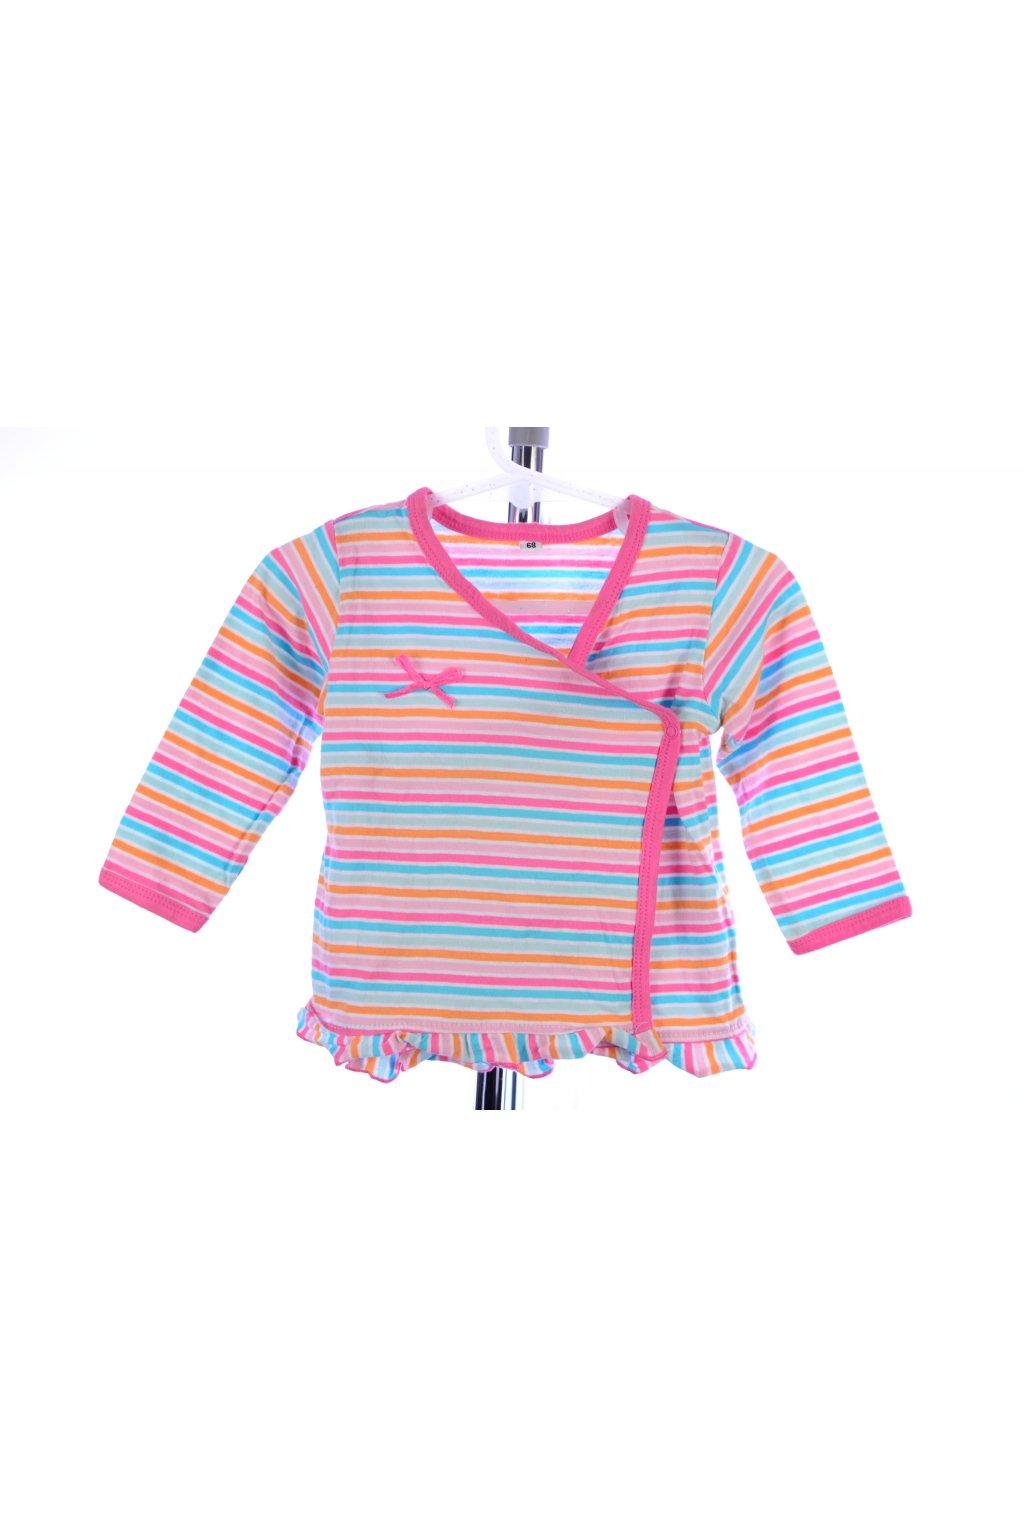 Tričko Zeeman vel 68 růžové pruhované